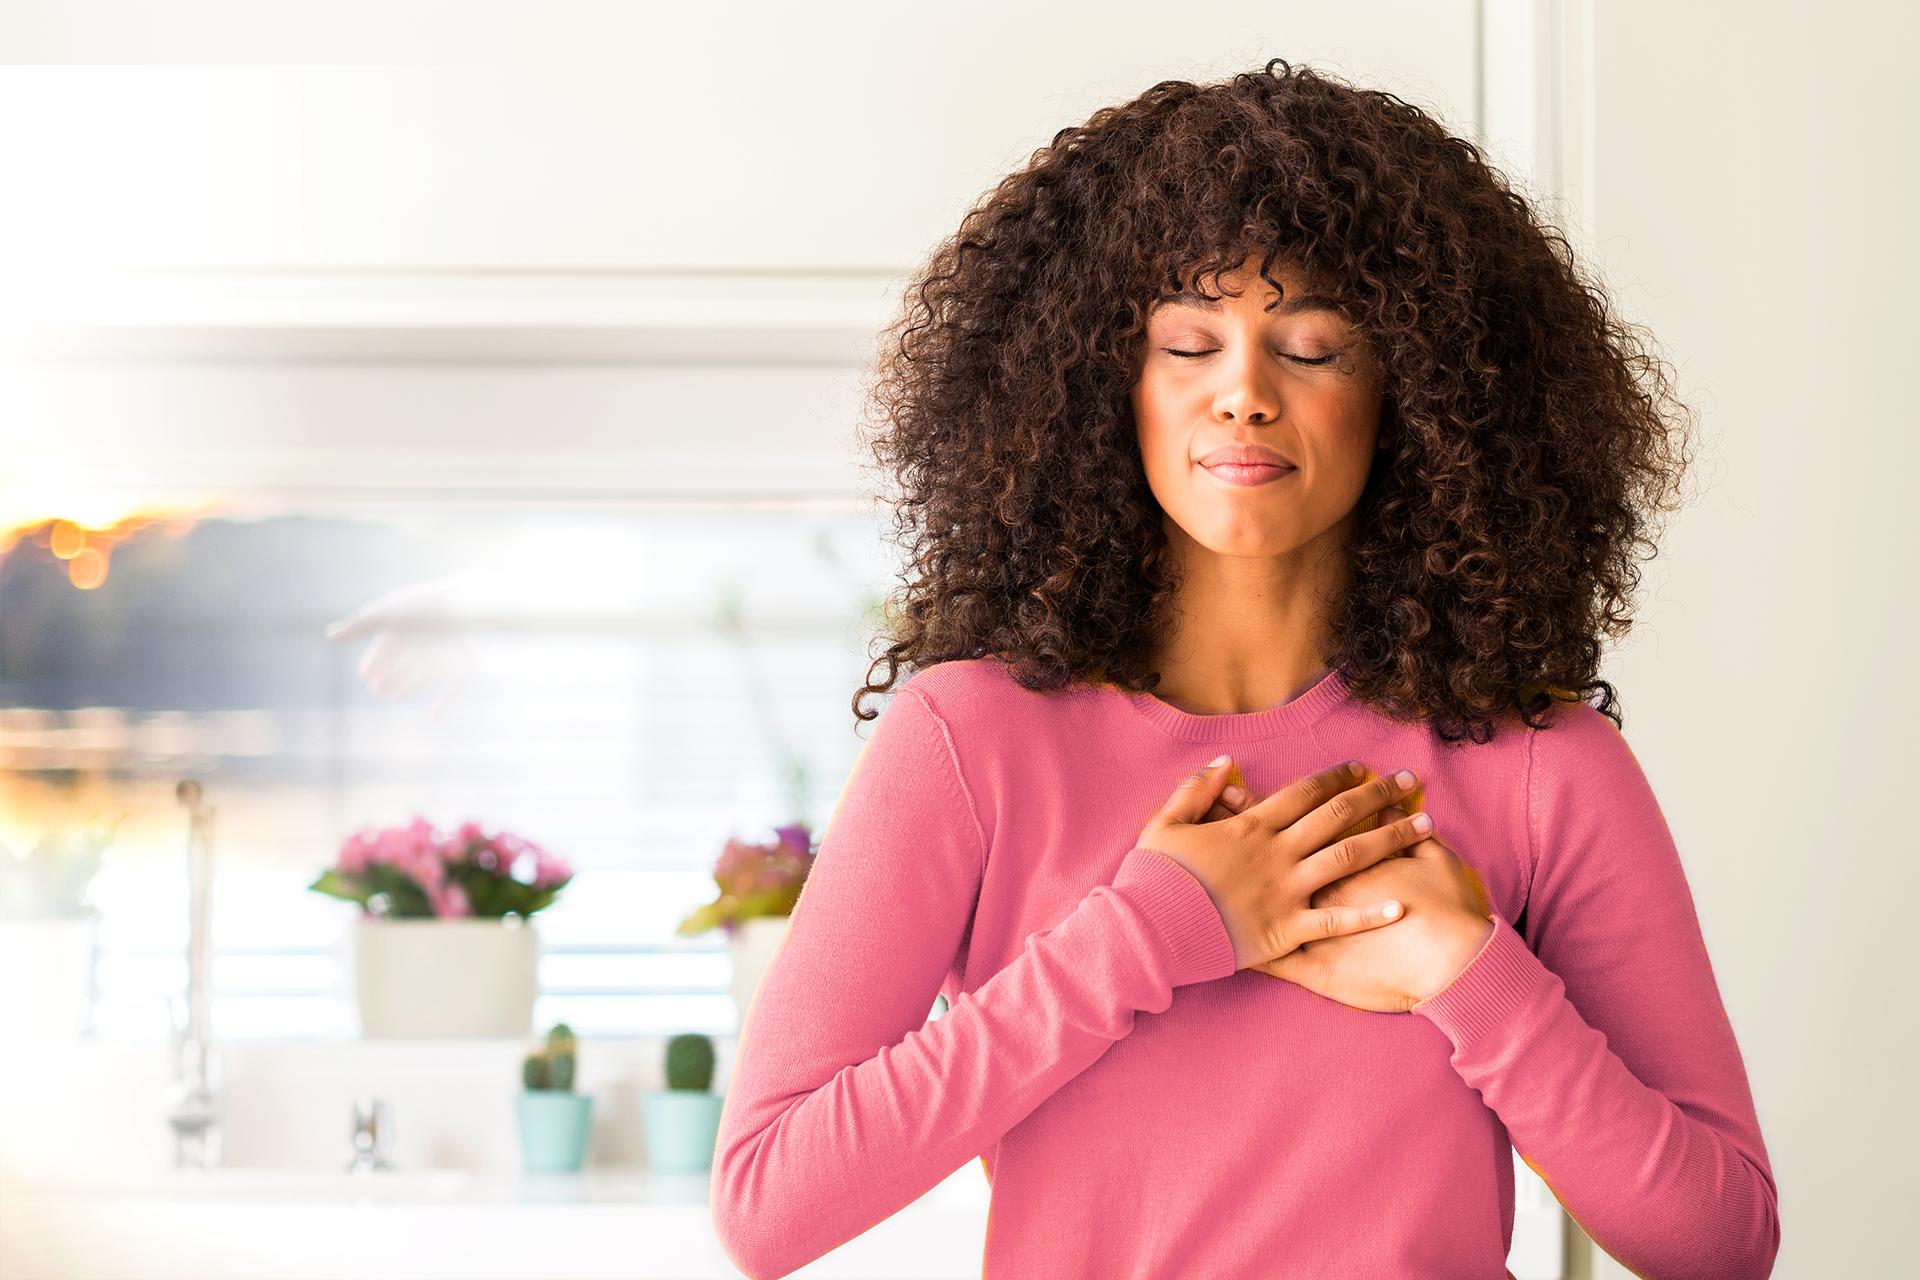 Acalme o corpo e a mente com uma prática de respiração